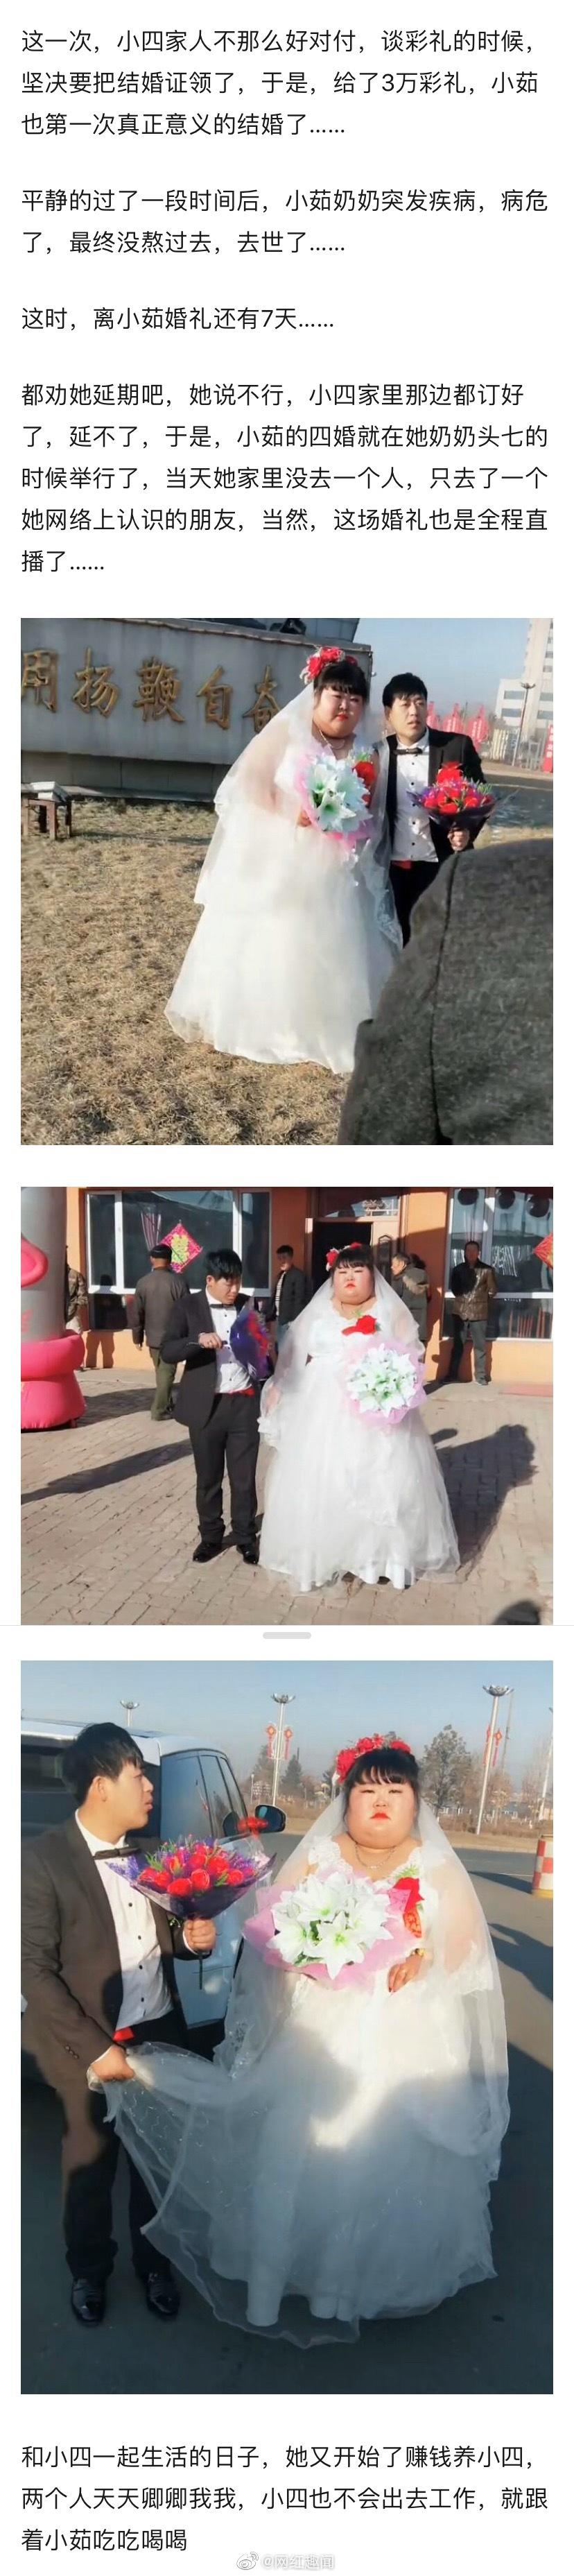 快手主播小茹四次婚礼是怎么回事?小茹亲人头七四婚是真的吗? liuliushe.net六六社 第8张